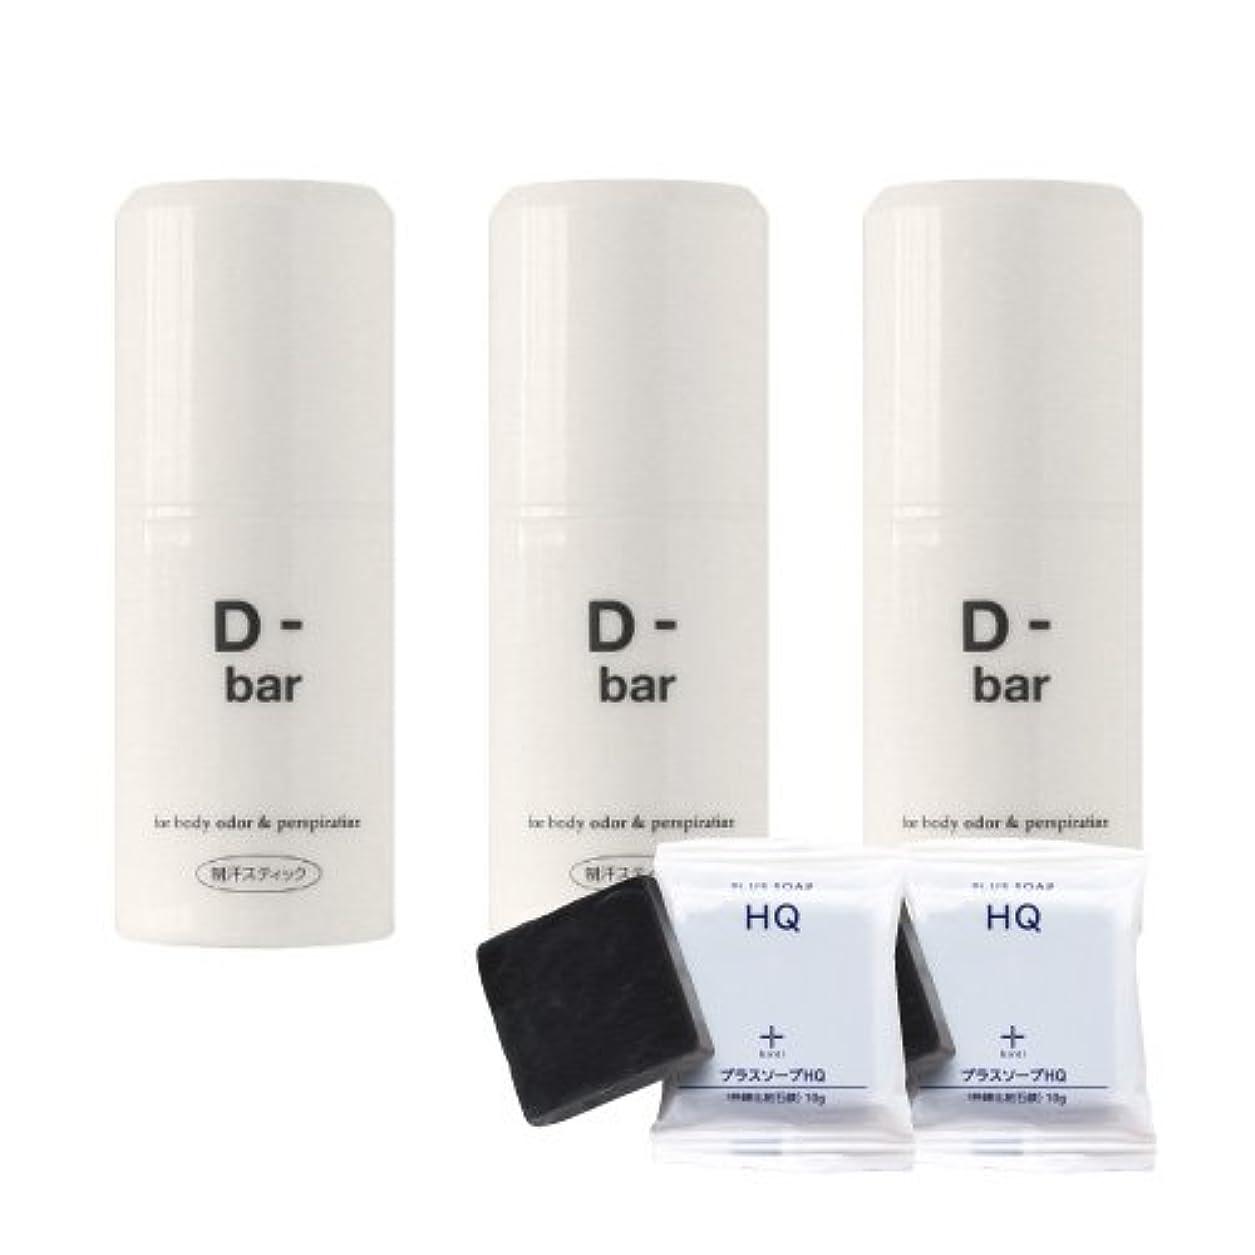 兄弟愛塗抹肥満D-bar(ディーバー) 15g 3本 + プラスソープHQミニ 2個